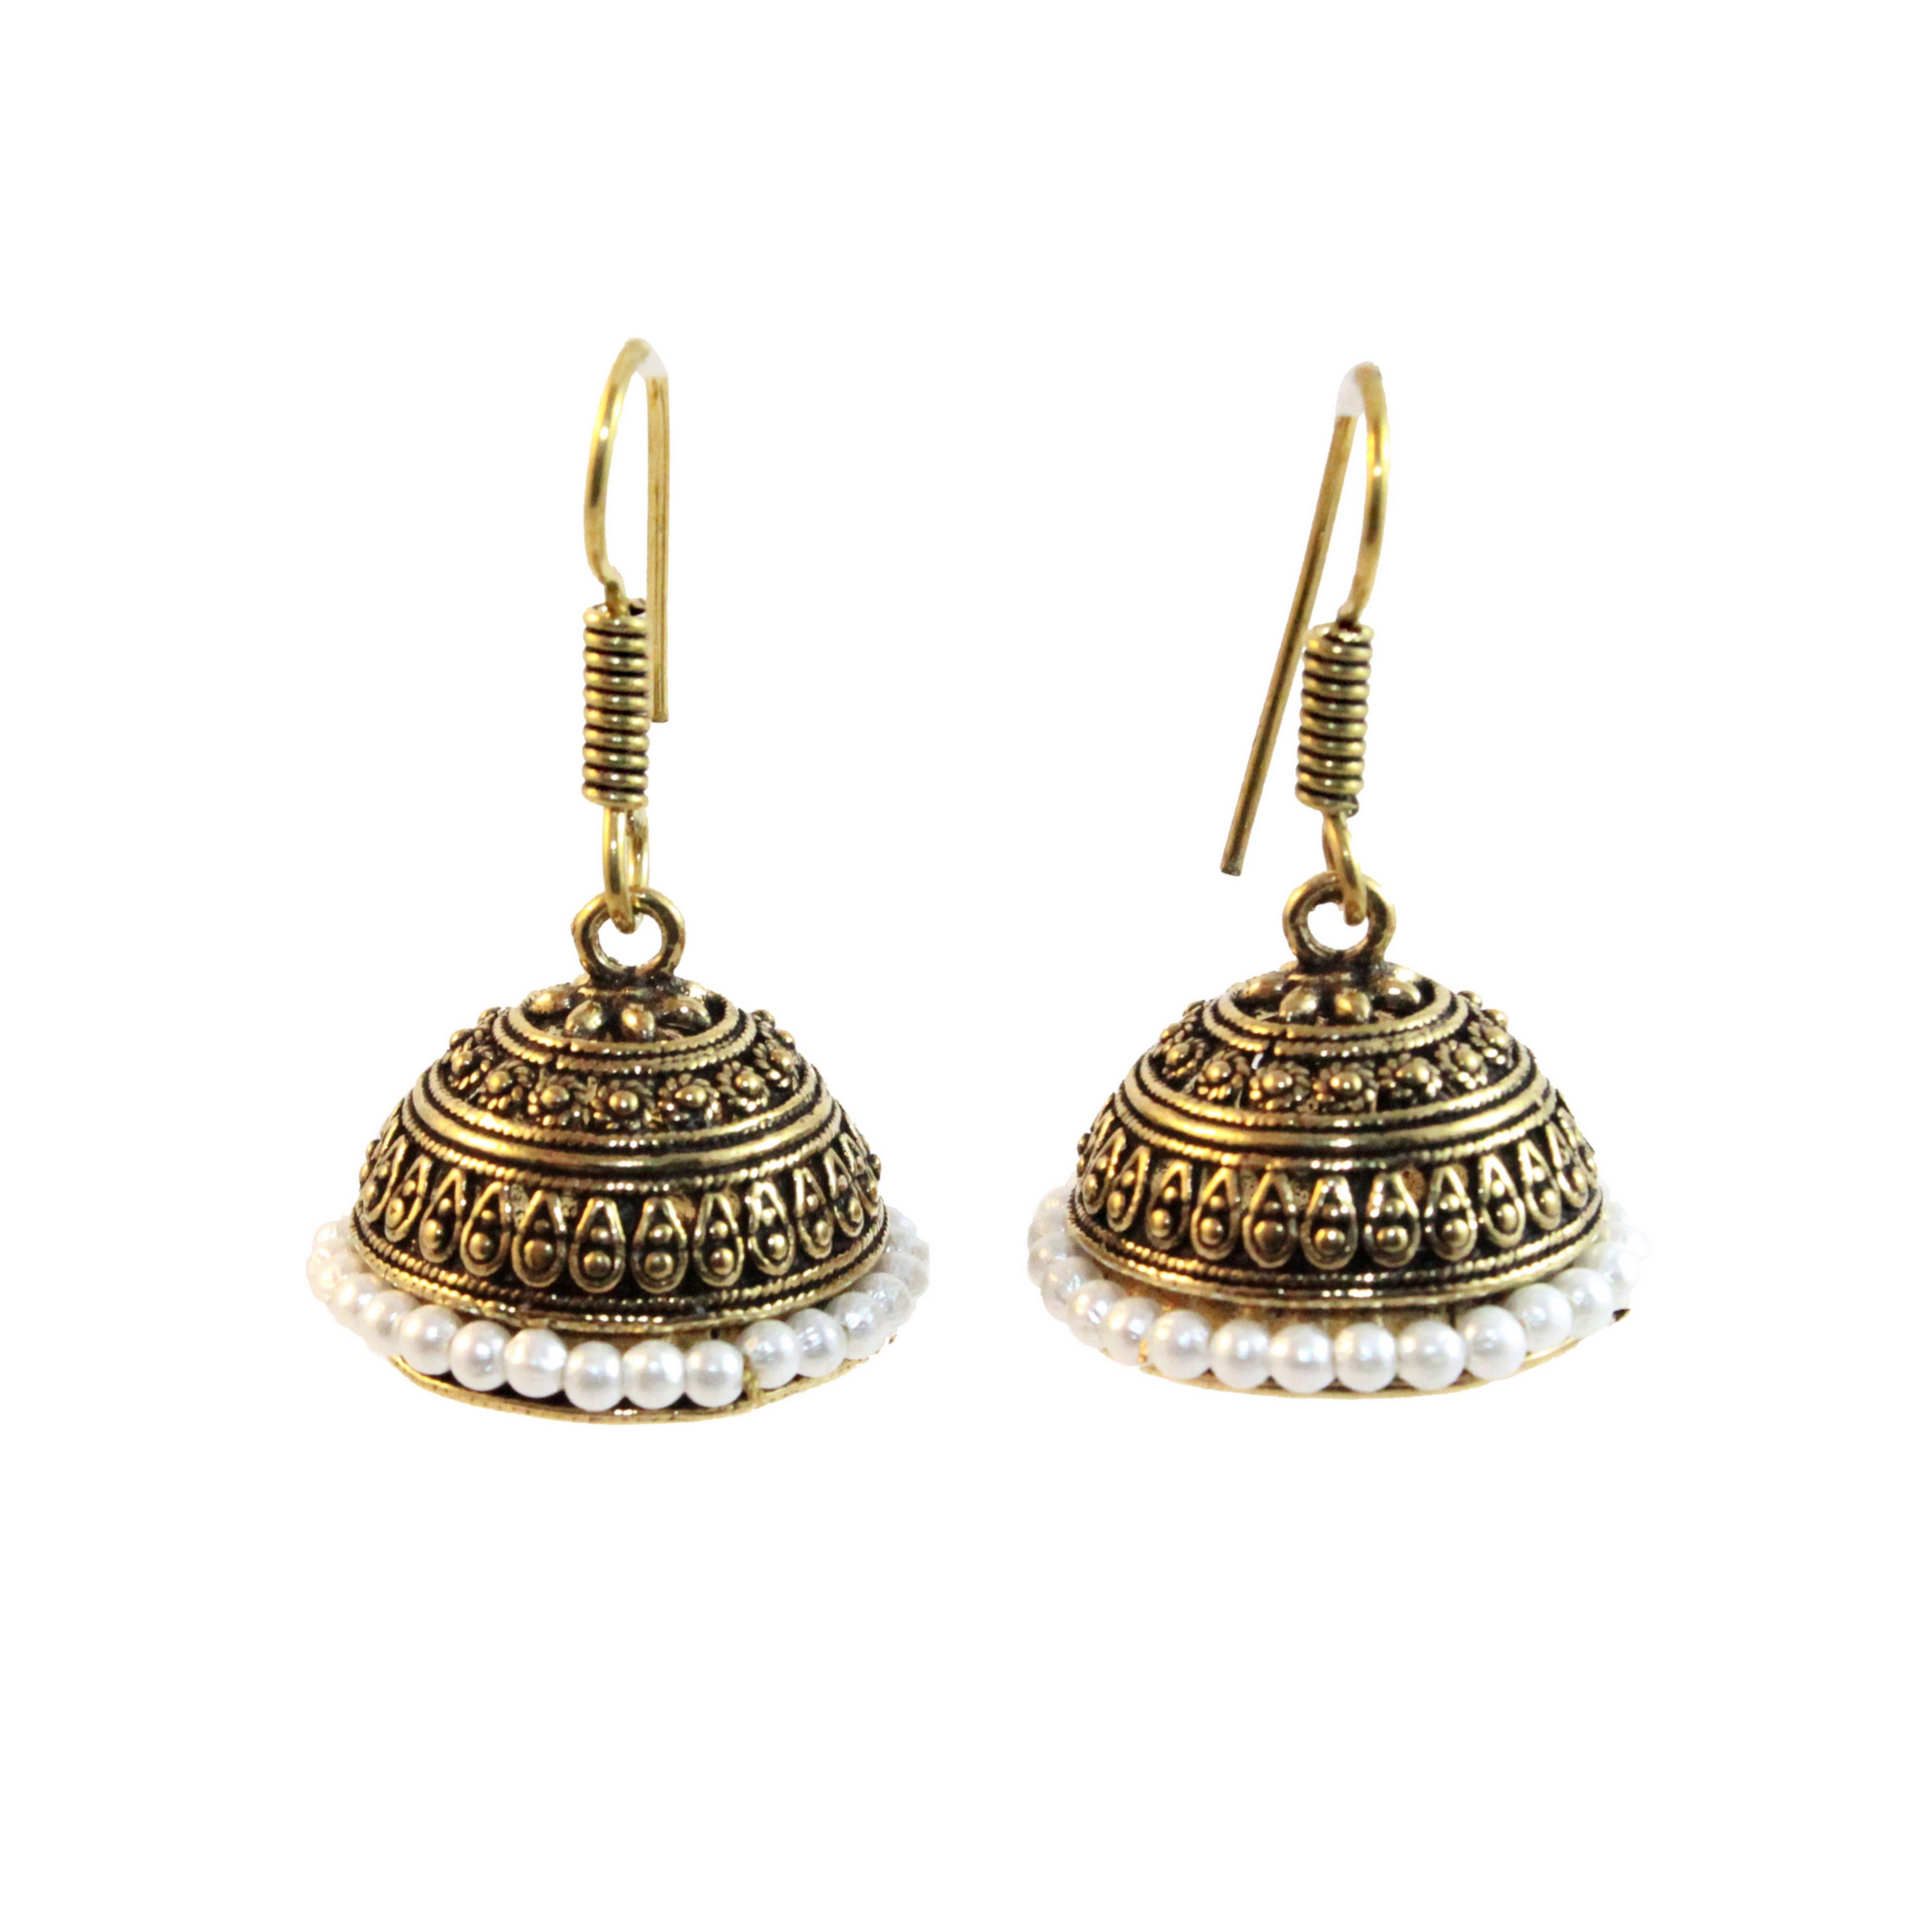 decef13da UNIK CARAT Small Jhumki Ethnic Jewelry, Jewelry Stores, Tribal Jewelry